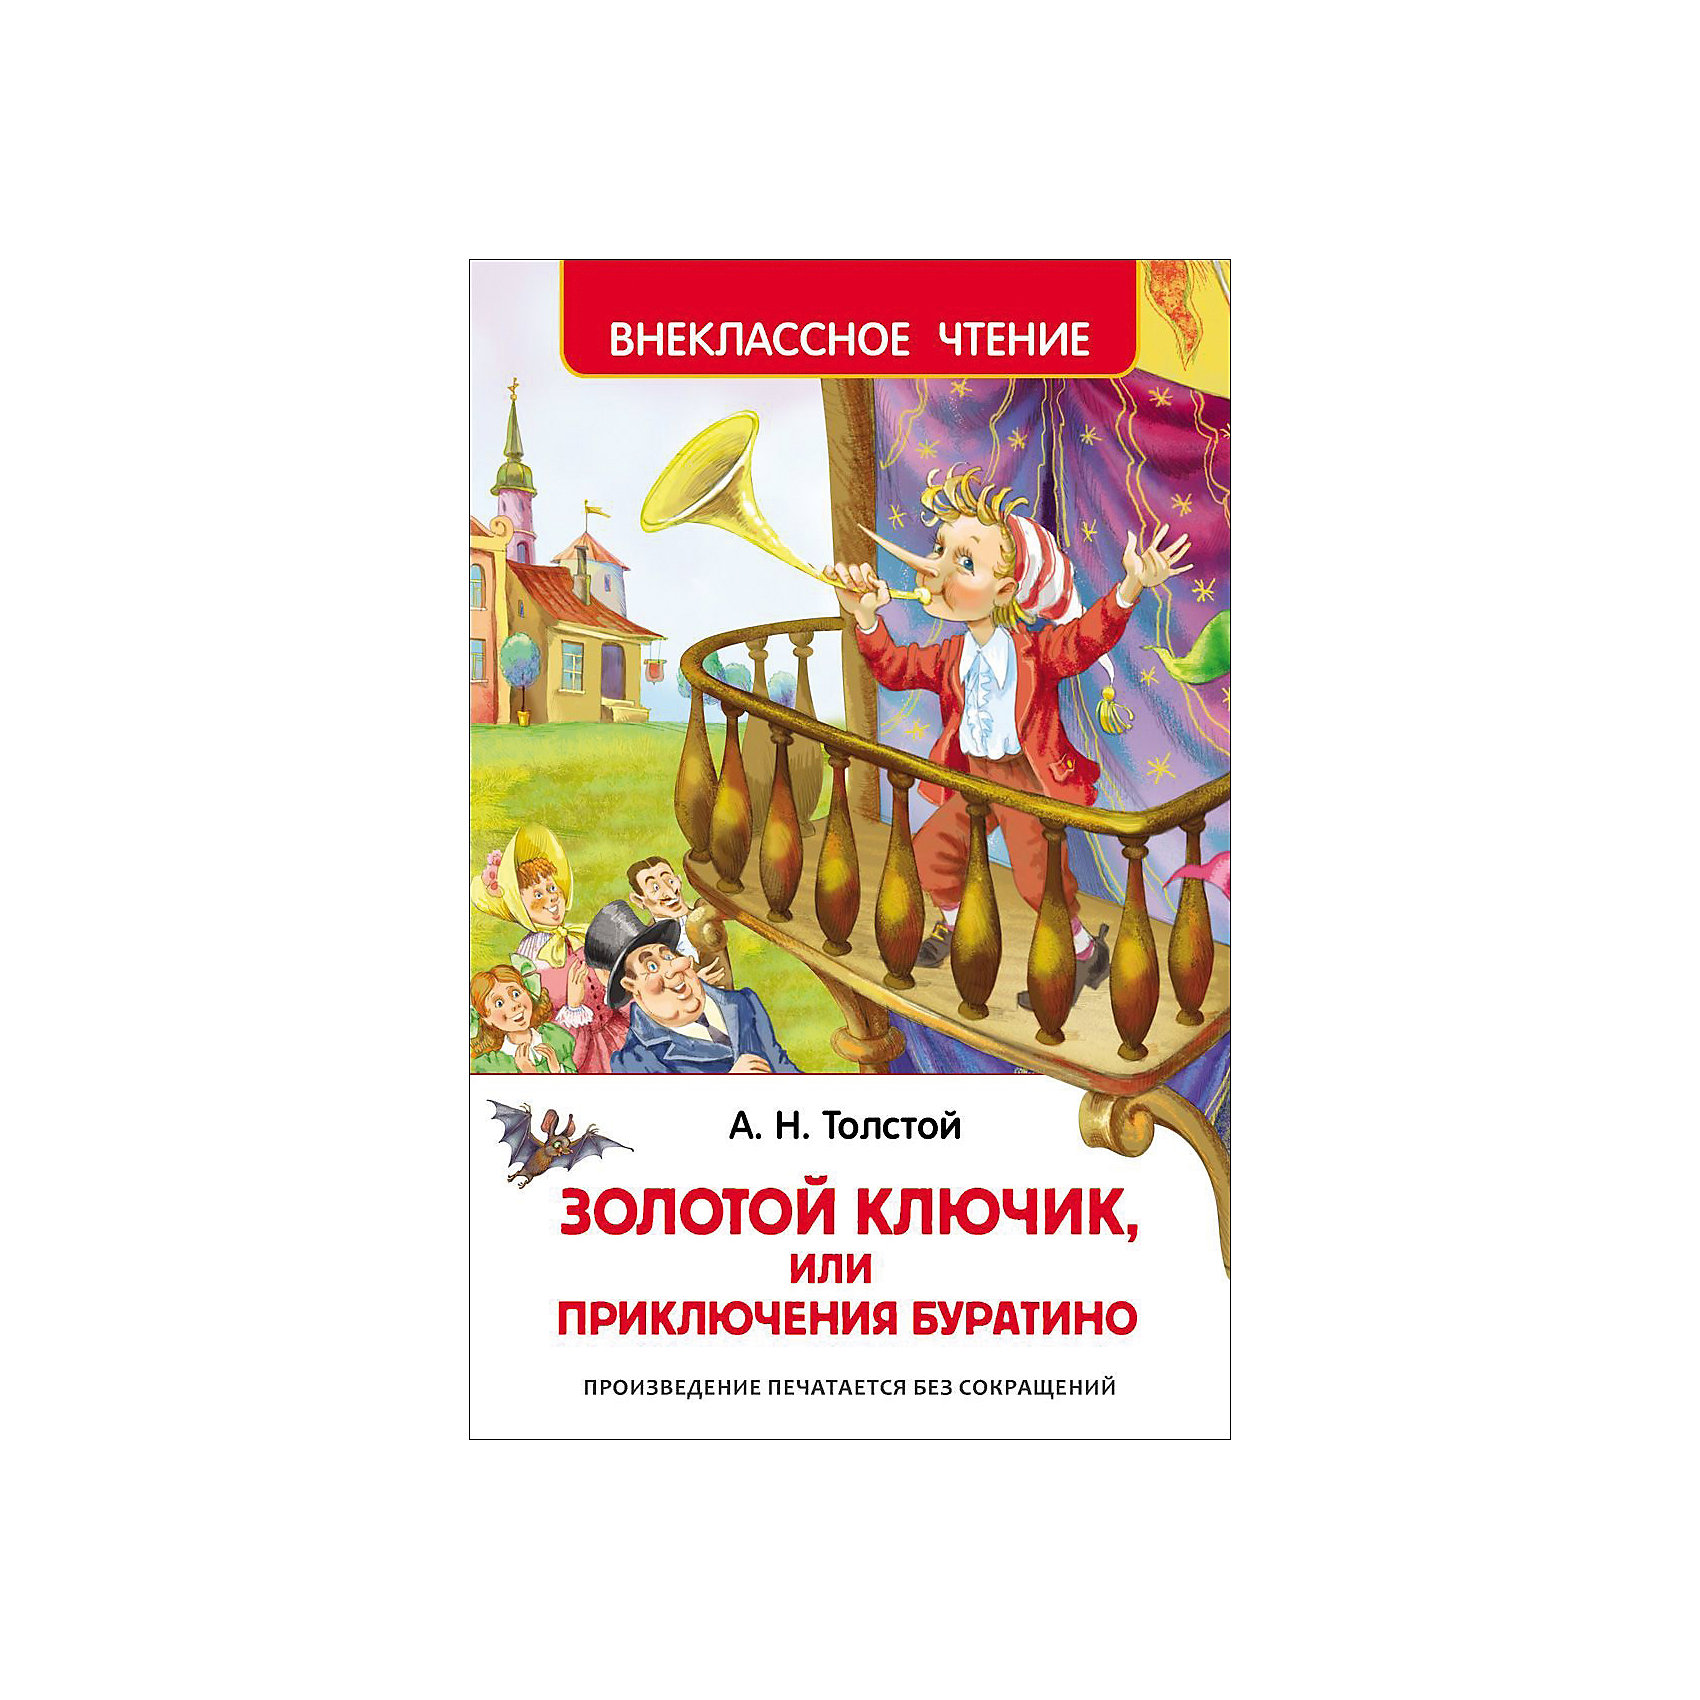 Приключения Буратино, А. ТолстойСказки, рассказы, стихи<br>Приключения Буратино, А. Толстой<br><br>Характеристики:<br><br>• Иллюстрации: цветные<br>• Автор: А. Н. Толстой<br>• Переплет: твердый <br>• Год: 2016 г. <br>• Объем: 160 стр. <br>• Издательство: Росмэн<br><br>Книга незаменимый друг человека. Благодаря рассказам ребенок сможет познать мир, не выходя из комнаты. Кроме этого правильно подобранные книги учат ребенка хорошим манерам, правилам поведения и многому другому. Простая для прочтения книга расскажет историю озорника Буратино, деревянного мальчика, который хотел обрести друзей. С первой страницы станет понятно, что приключения будут захватывающими. Яркие красочные иллюстрации смогут завлечь ребенка и дополнить истории. <br><br>Приключения Буратино, А. Толстой можно купить в нашем интернет-магазине.<br><br>Ширина мм: 205<br>Глубина мм: 134<br>Высота мм: 10<br>Вес г: 225<br>Возраст от месяцев: 84<br>Возраст до месяцев: 108<br>Пол: Унисекс<br>Возраст: Детский<br>SKU: 5109634